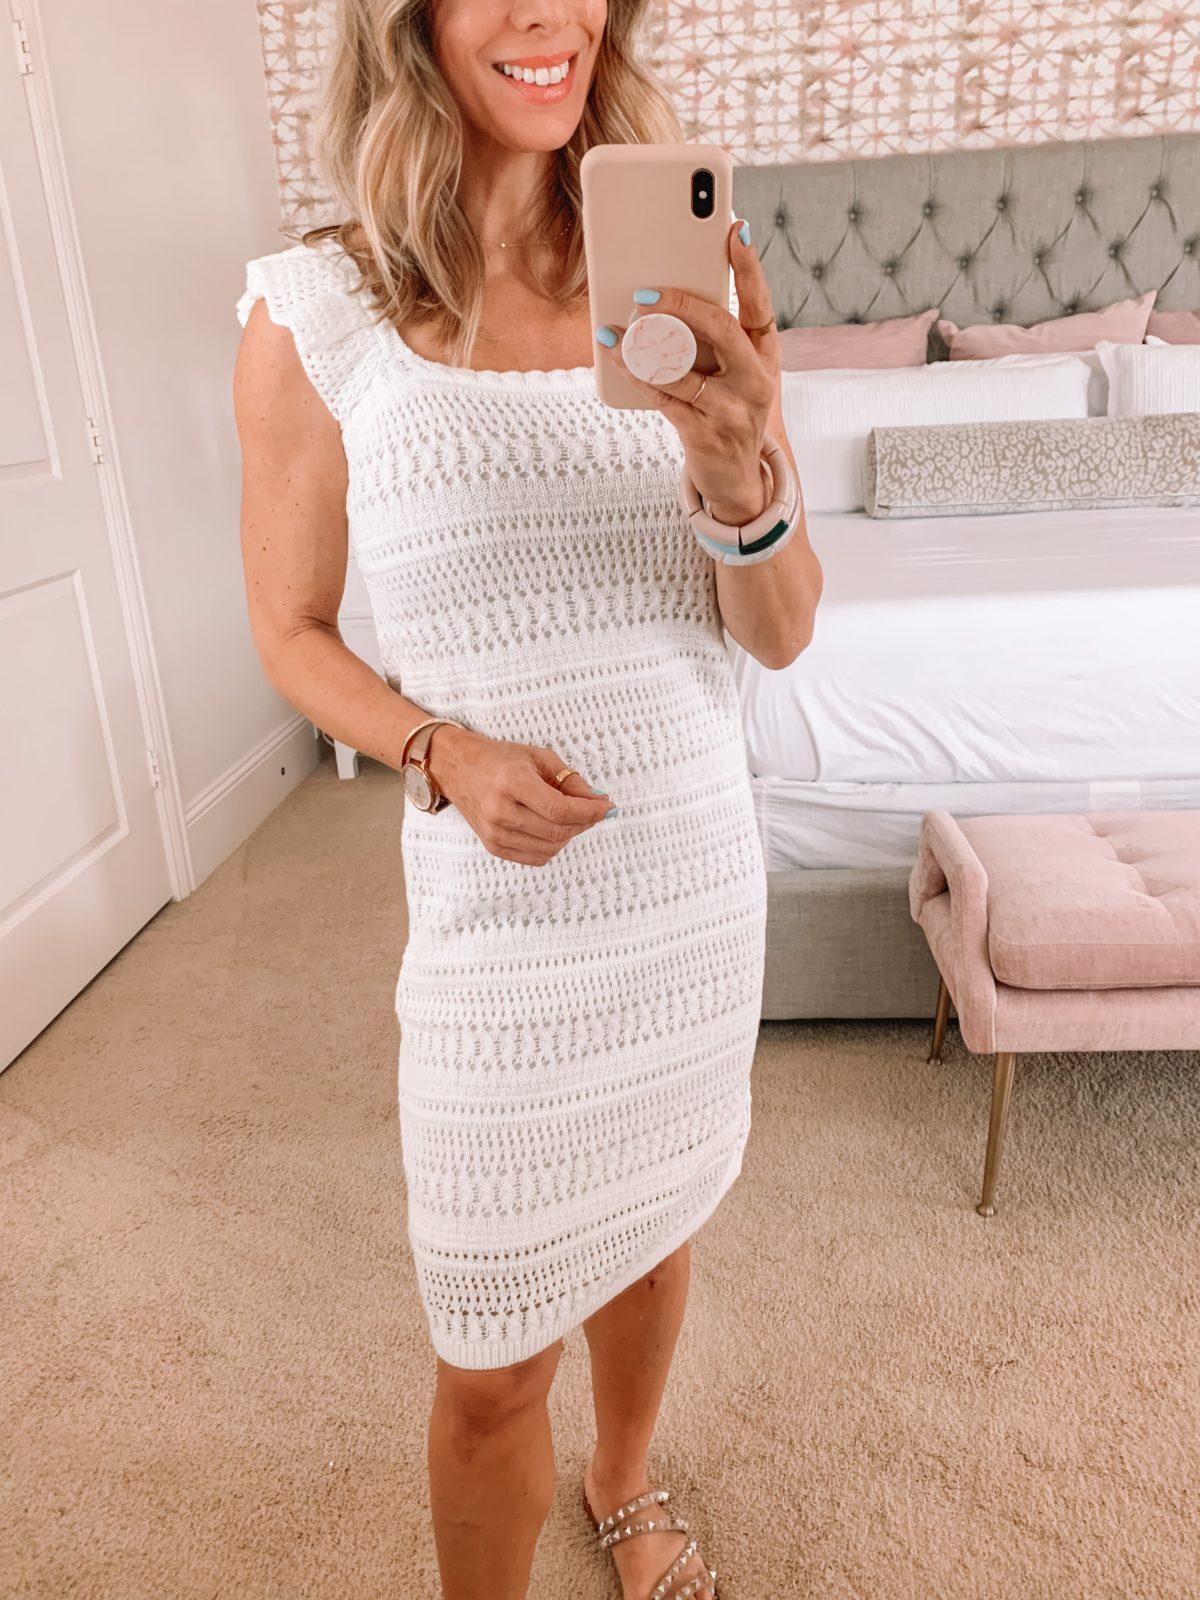 Dressing Room Finds, Walmart, Crochet Dress, Studded Sandals